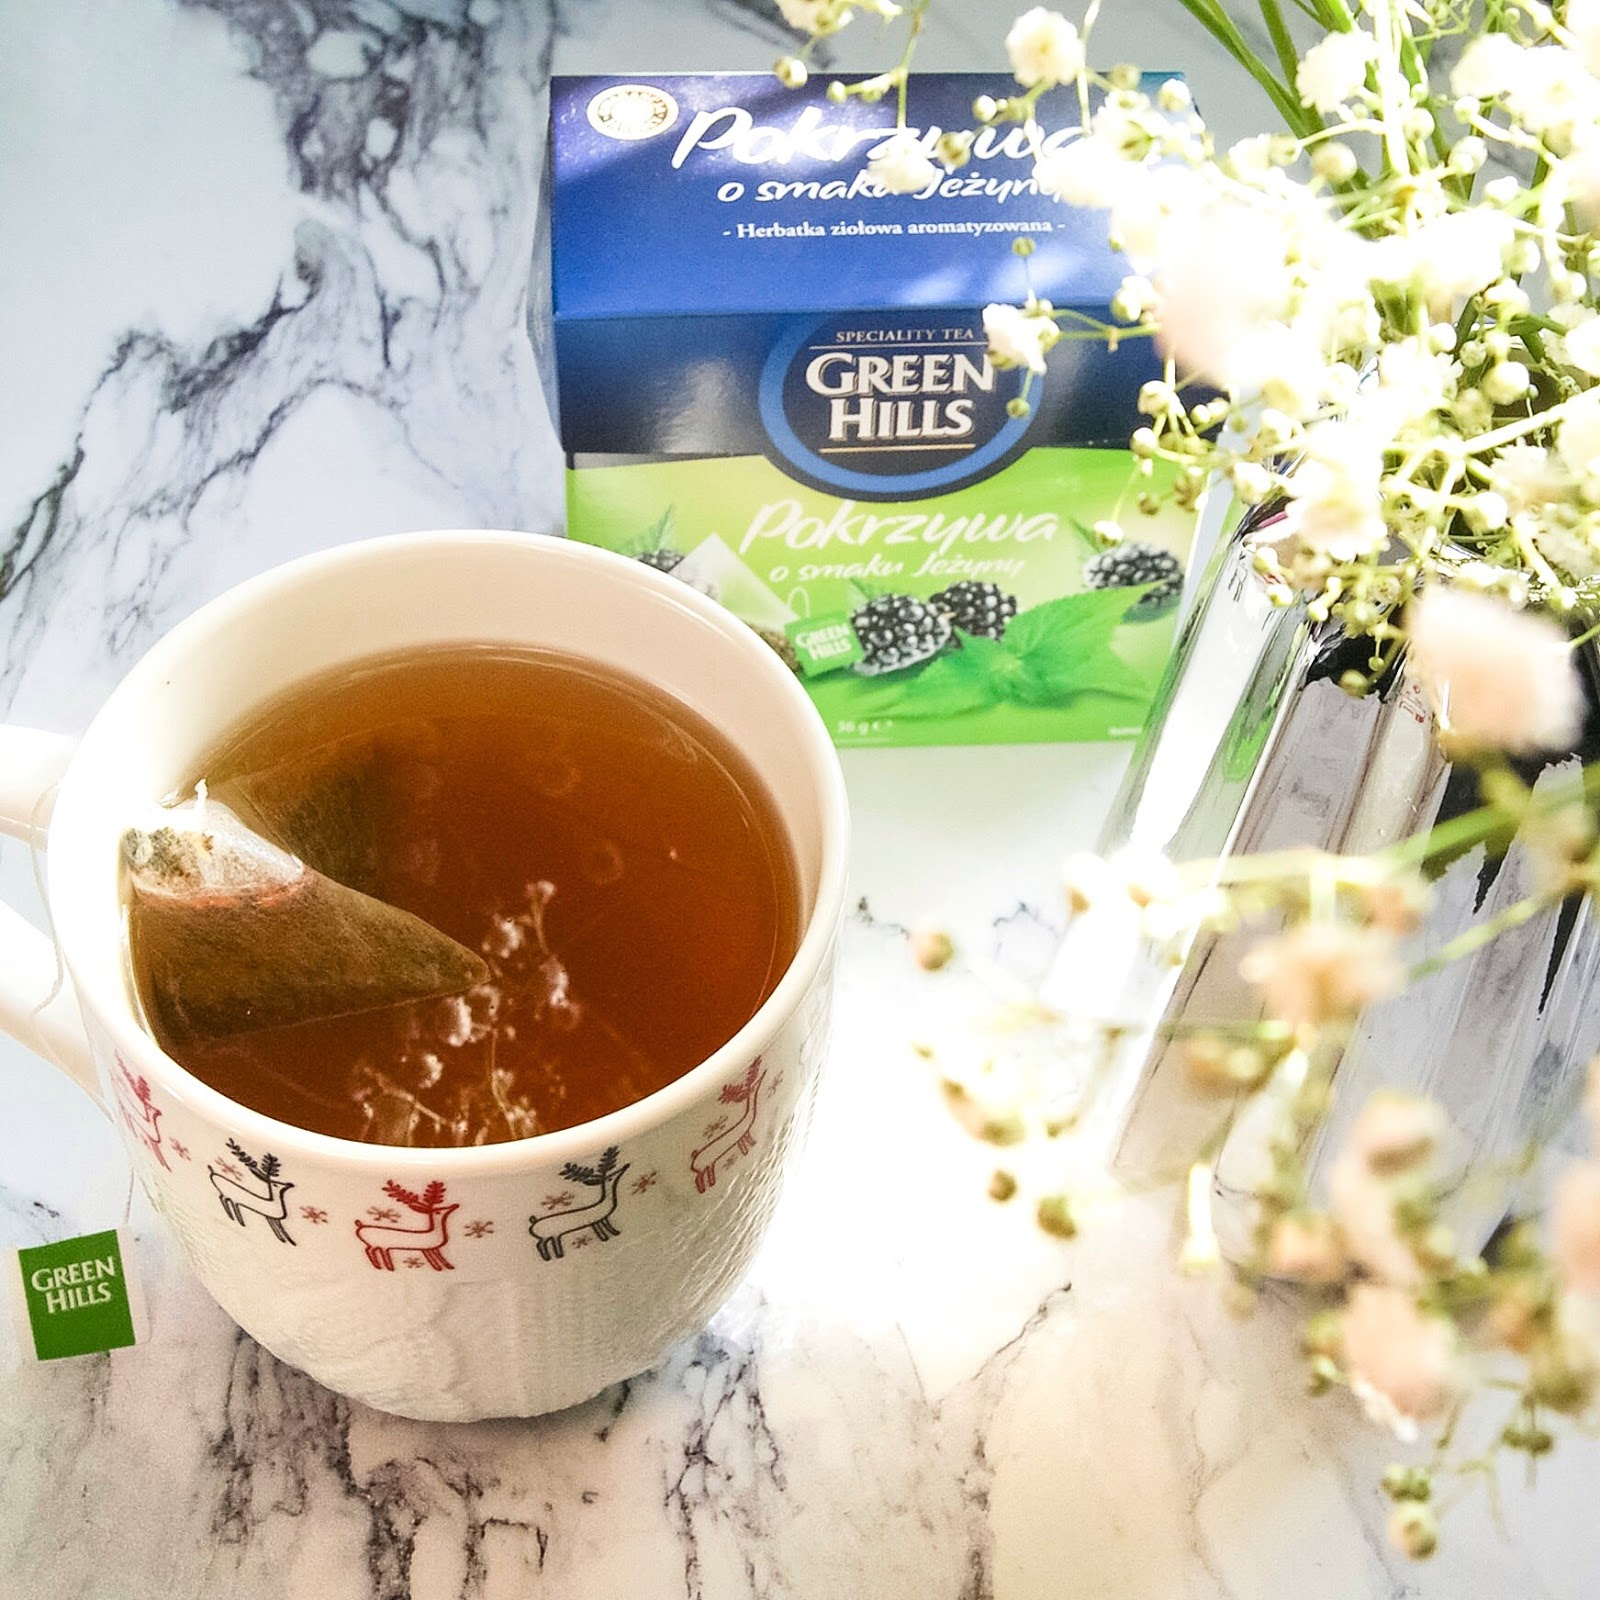 Green Hills Pokrzywa o smaku jeżyny - herbatka ziołowa aromatyzowana